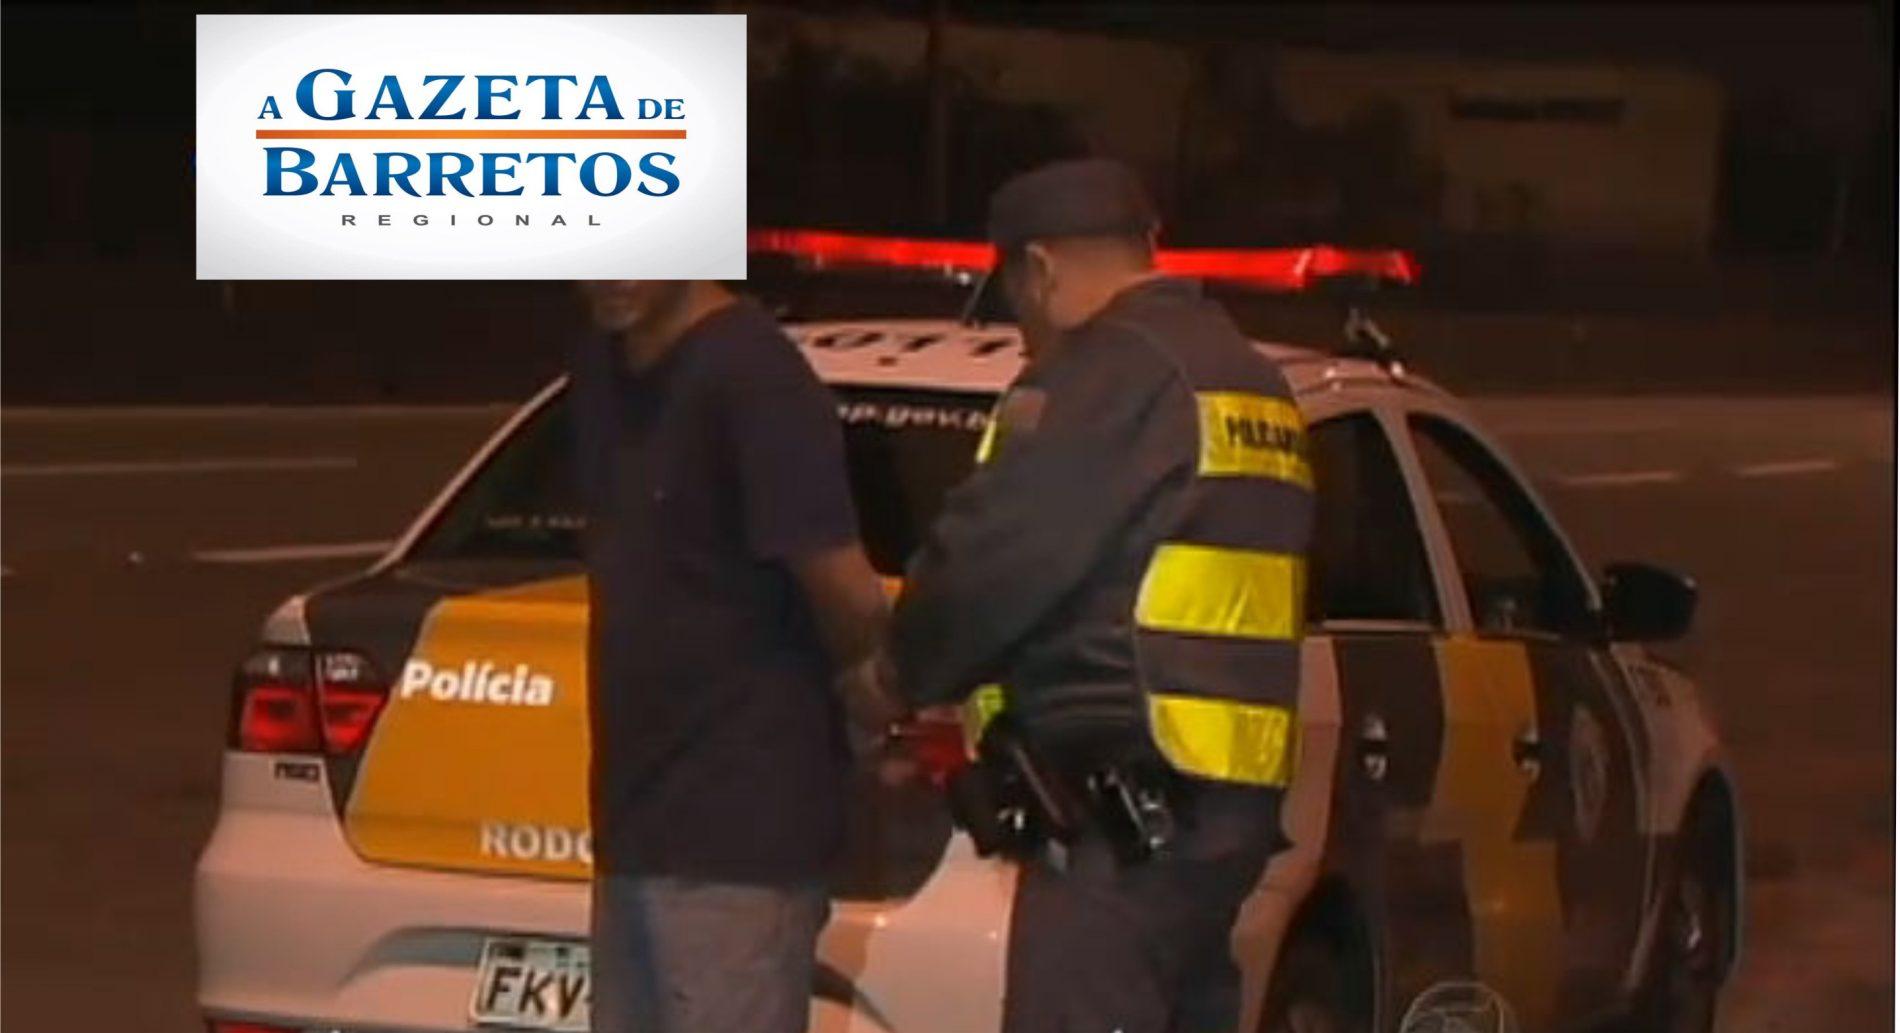 Policia Rodoviária prende motorista por dirigir embriagado